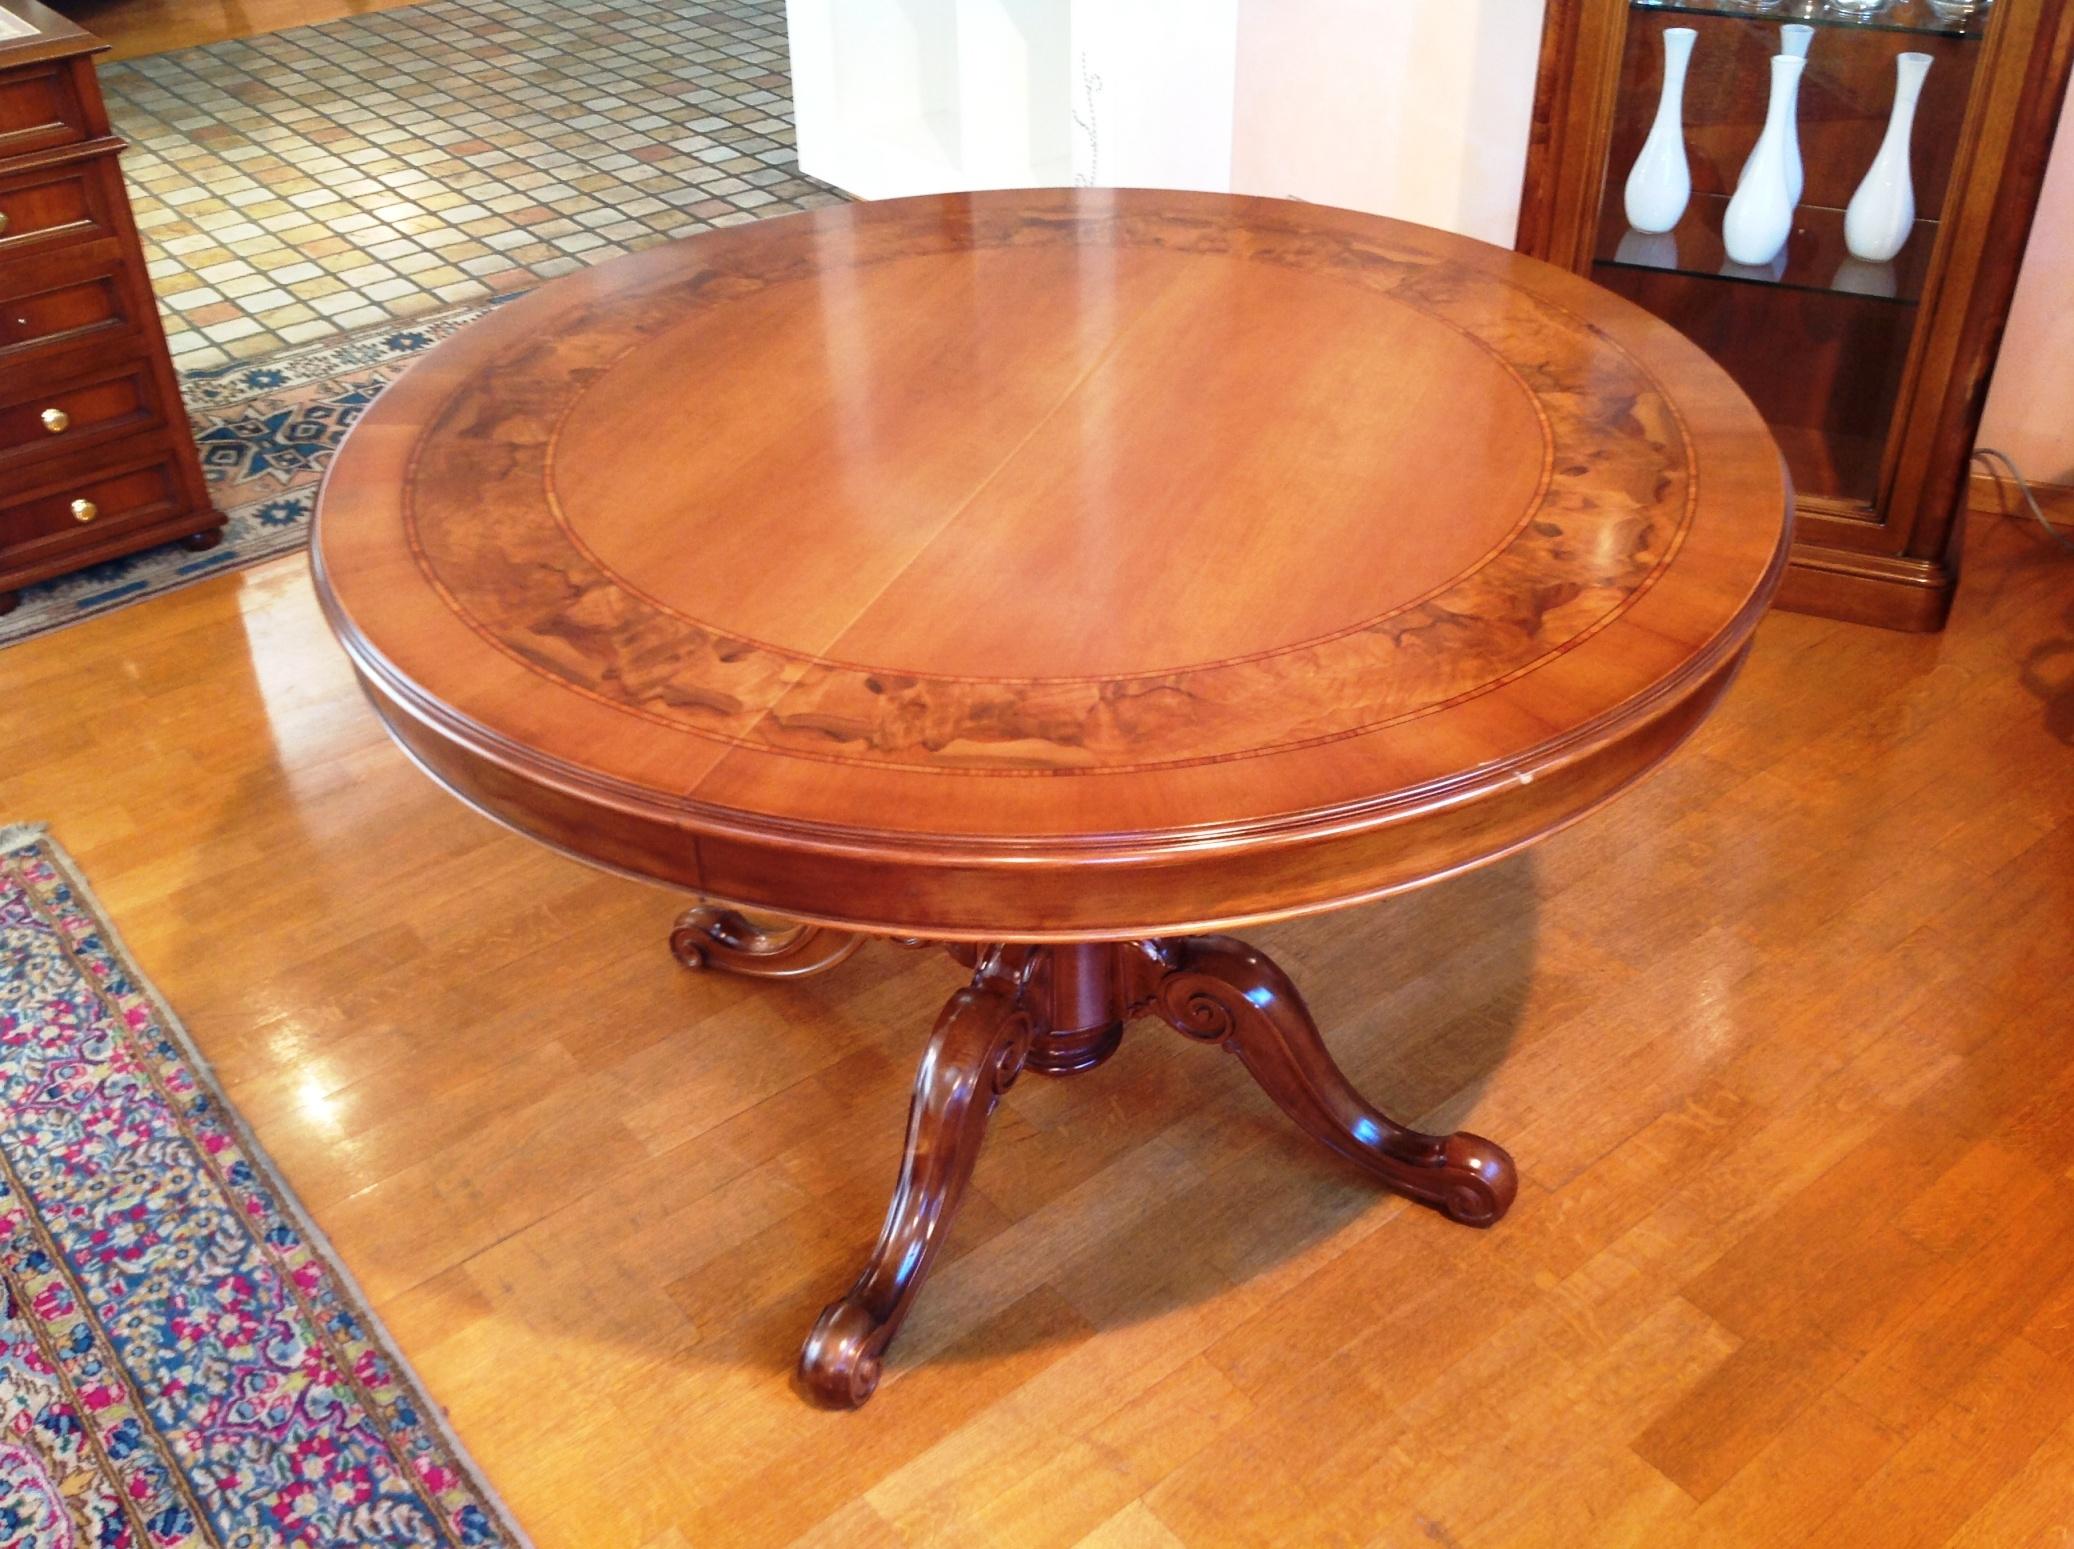 Tavolo artigianale diametro 120 allungabile in legno stile ...